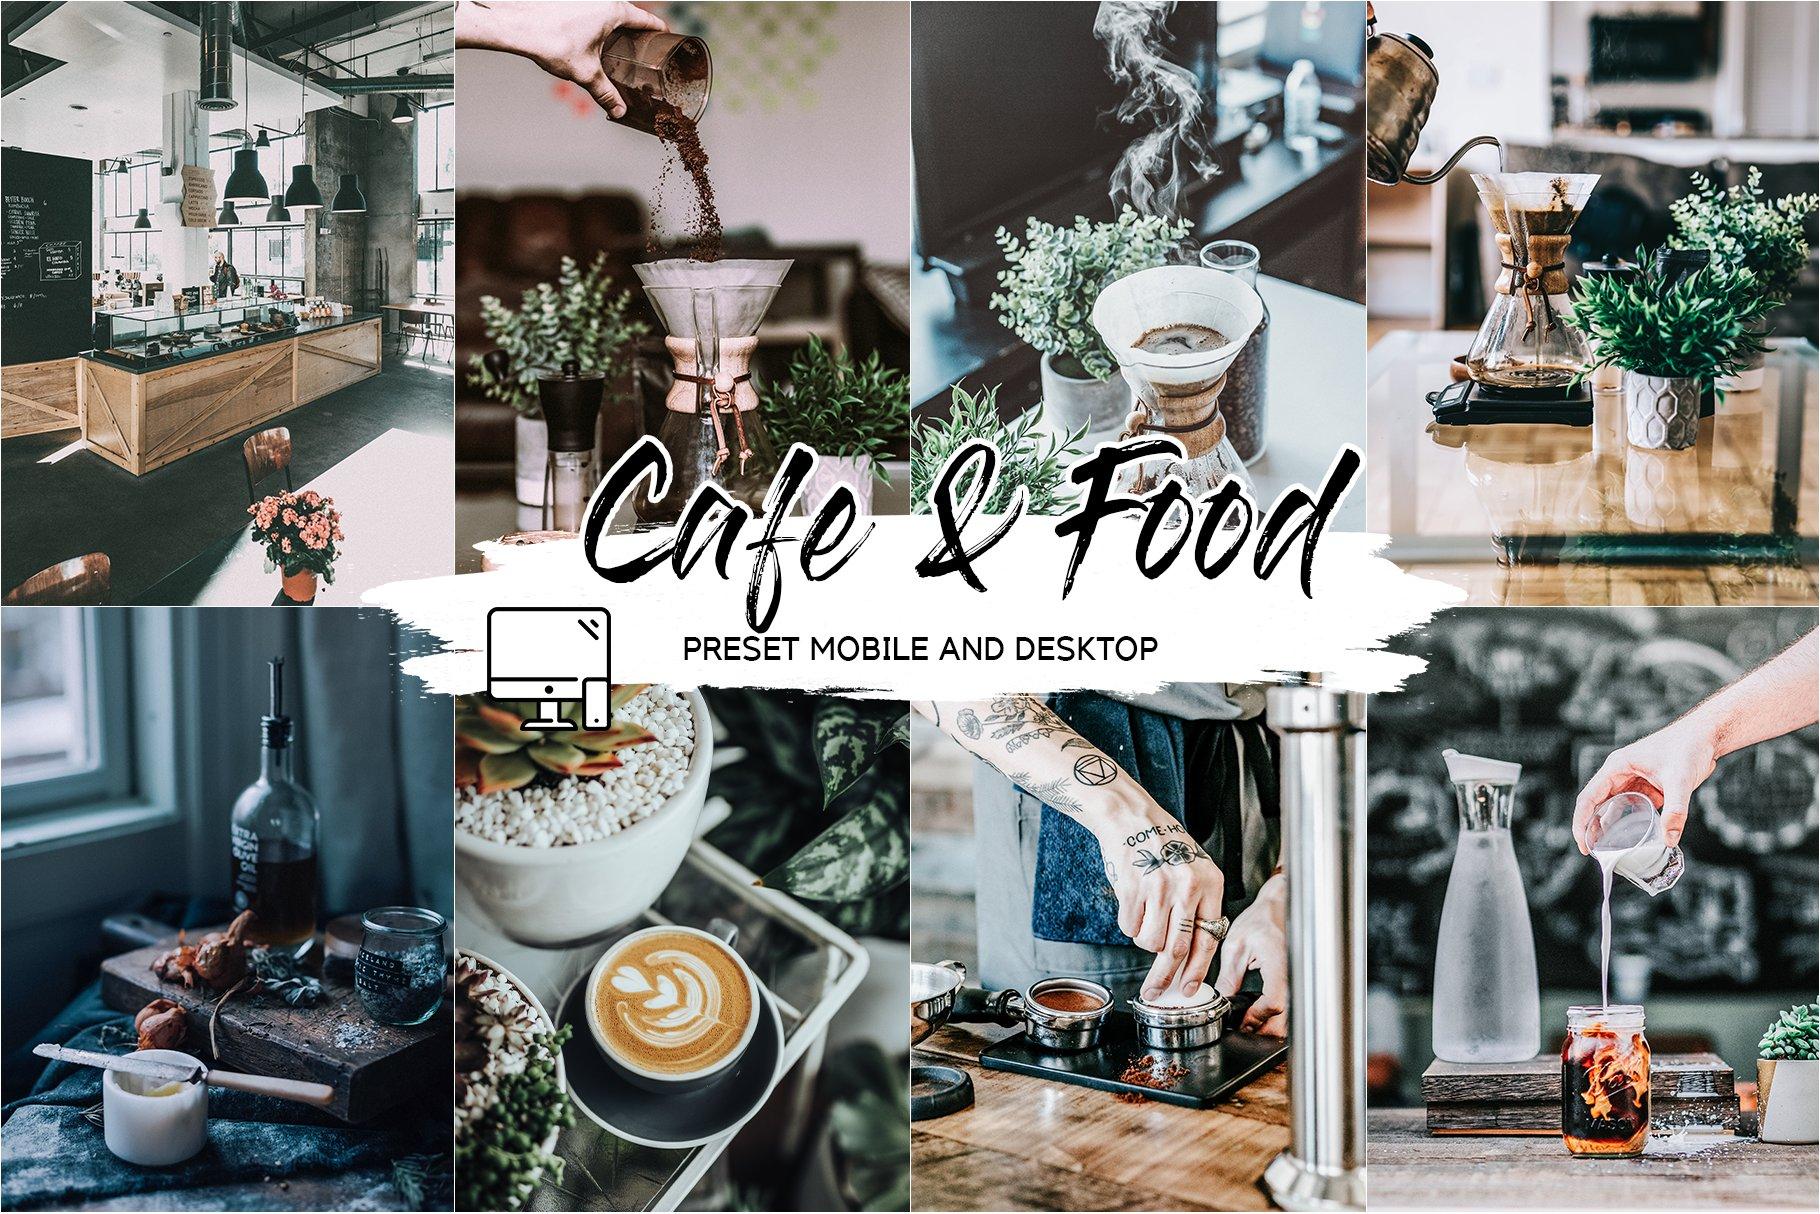 مجموعه پریست کافه و مواد غذایی